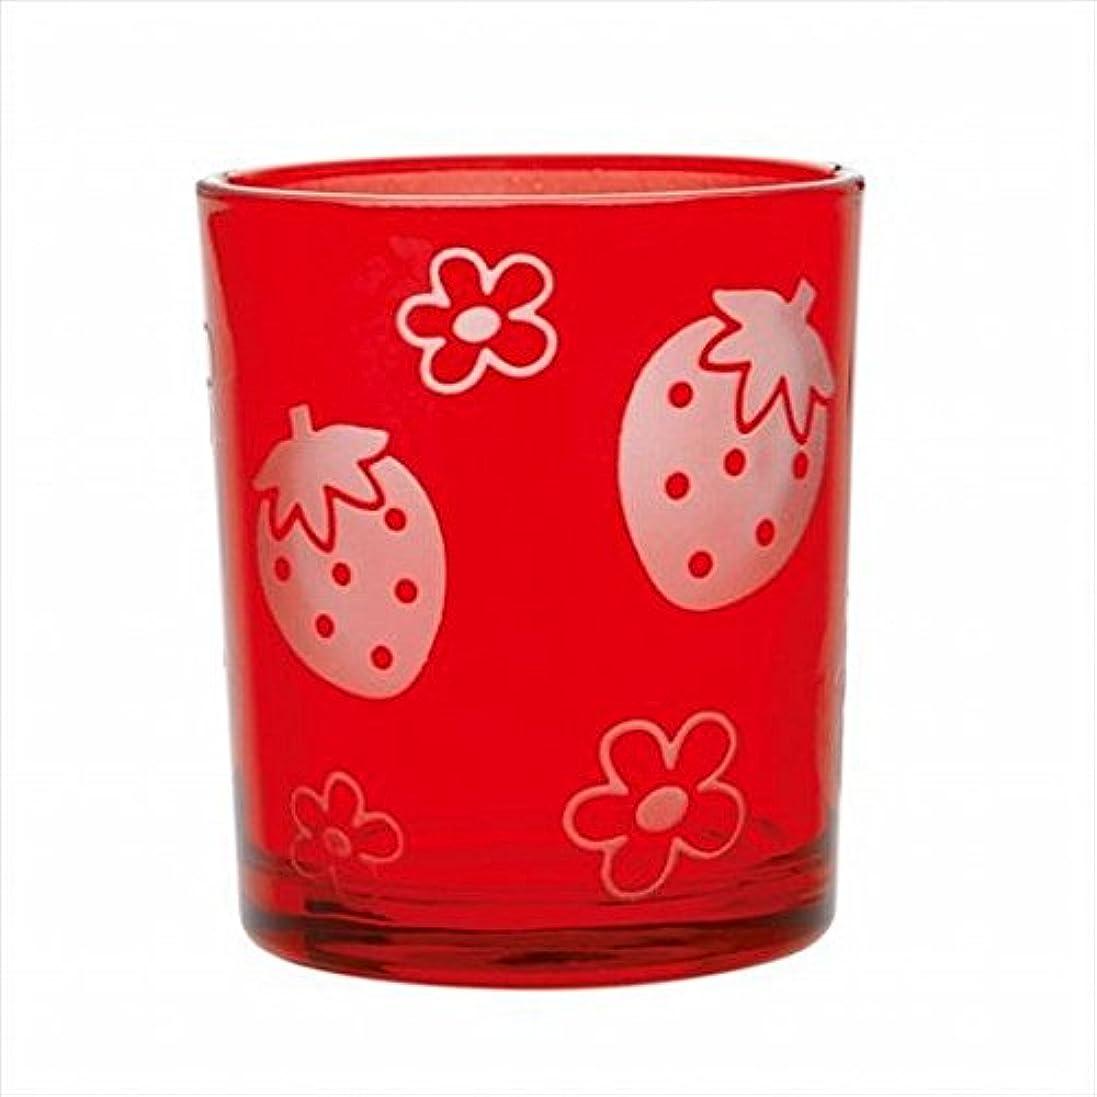 王子謎セーターsweets candle(スイーツキャンドル) いちごフロストカップ 「 レッド 」 キャンドル 55x55x65mm (J1490040R)